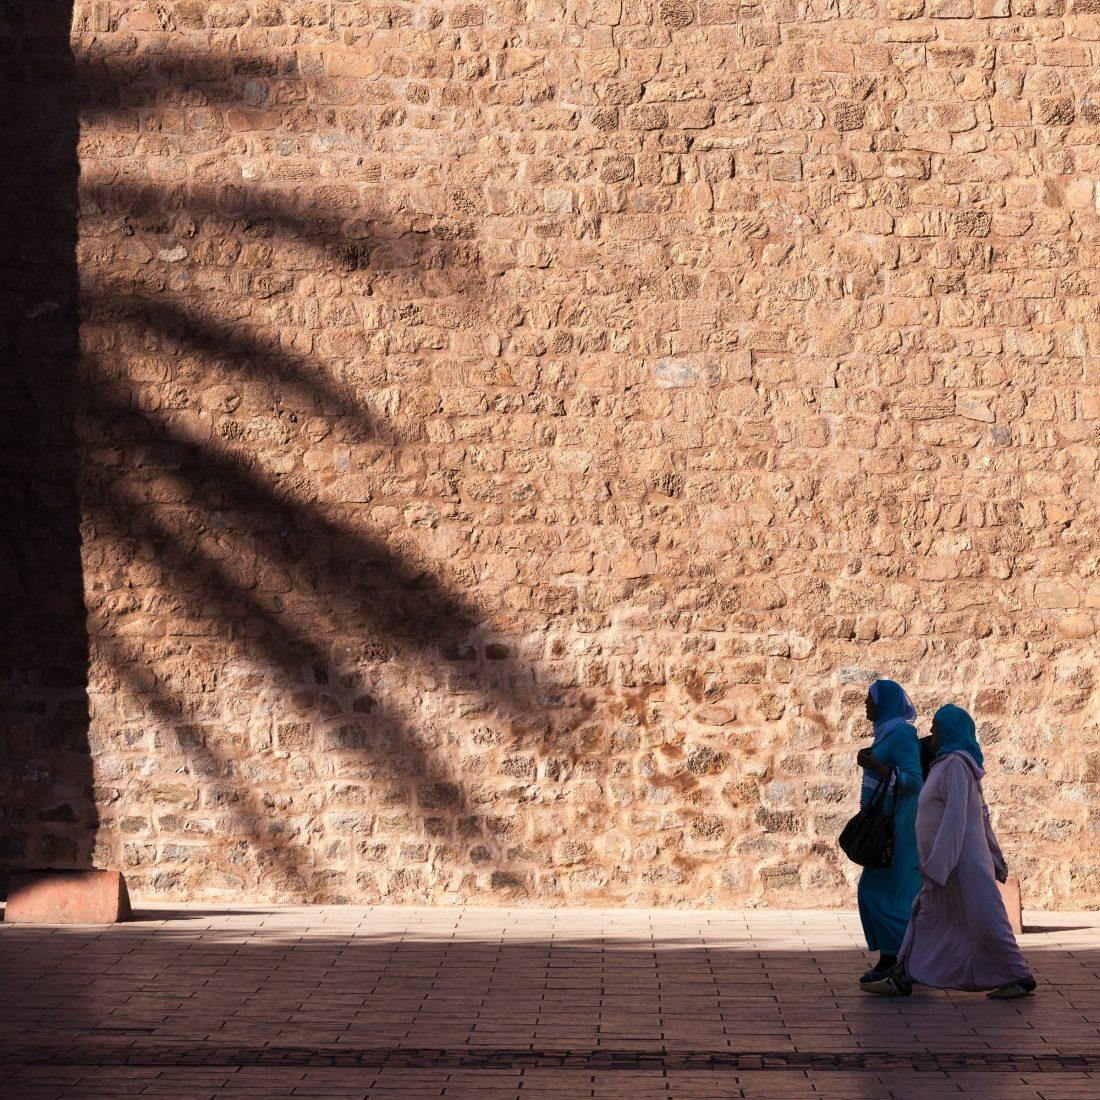 Kledingvoorschriften in Marokko